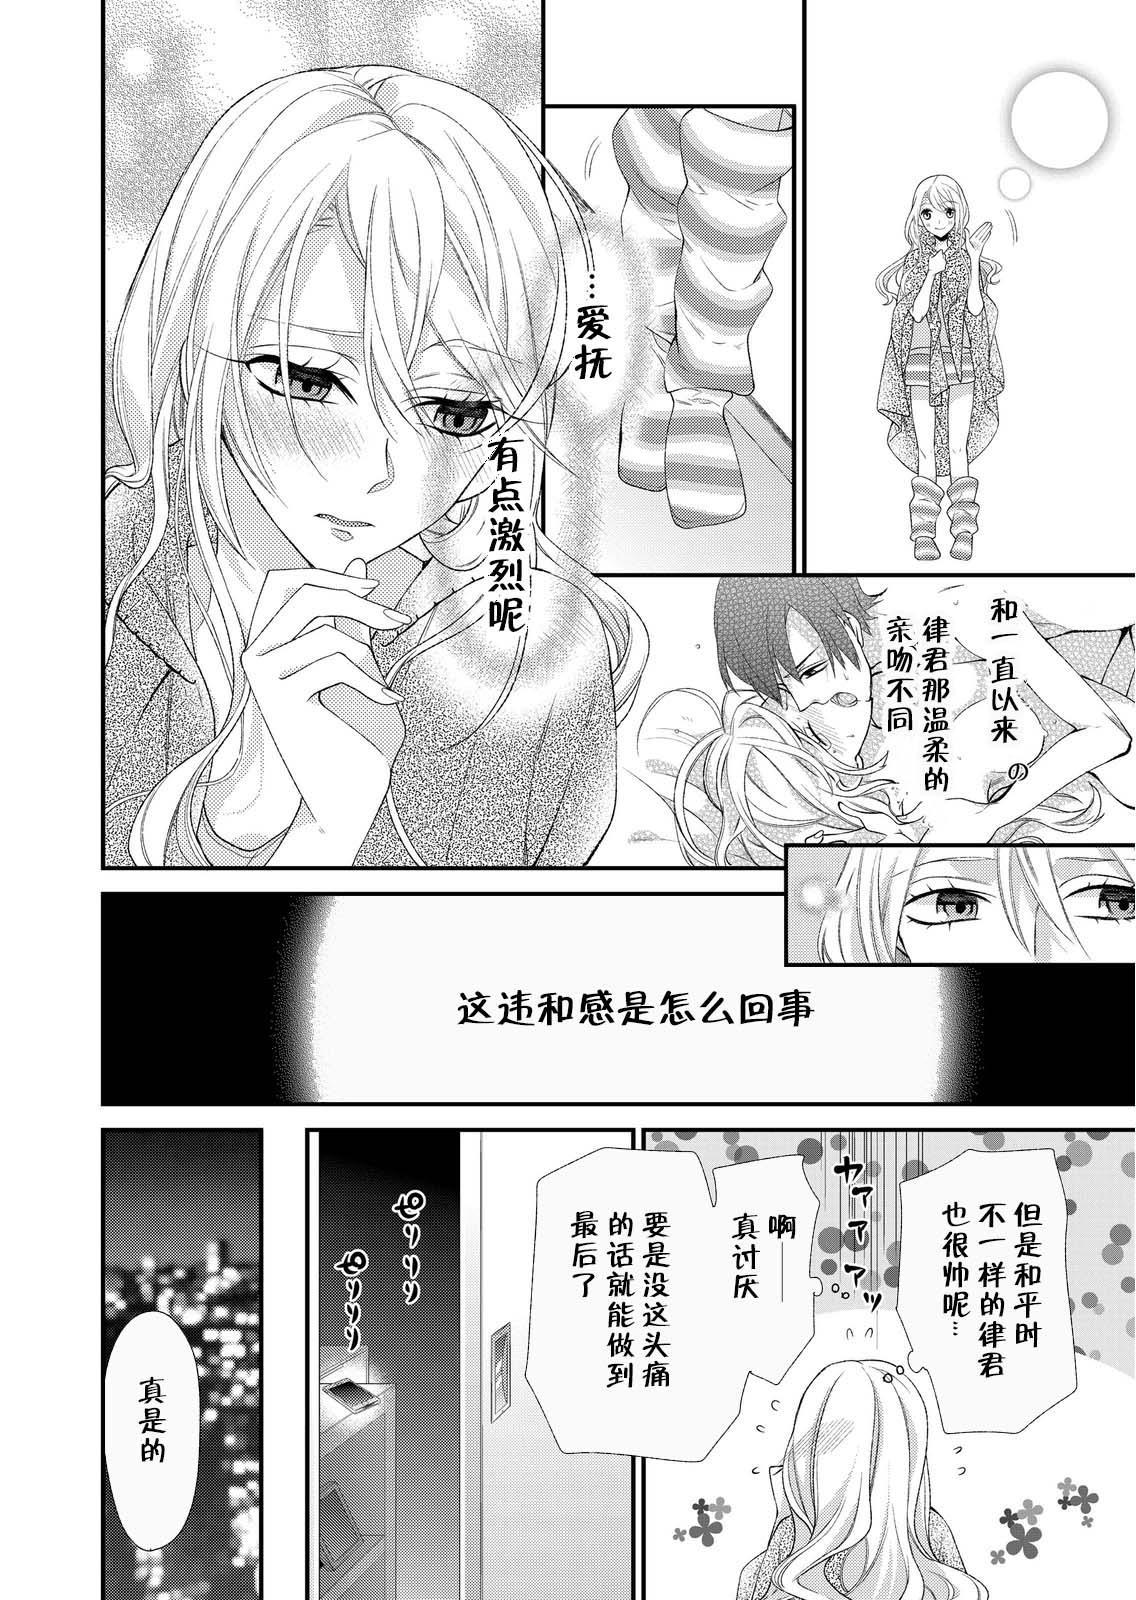 Kioku Sousitsu!? Watashi no Kareshi ha Docchi? Karada de Tameshite・・・ | 失忆!?我的男朋友到底是谁?用身体来确认…Ch. 1-2 29